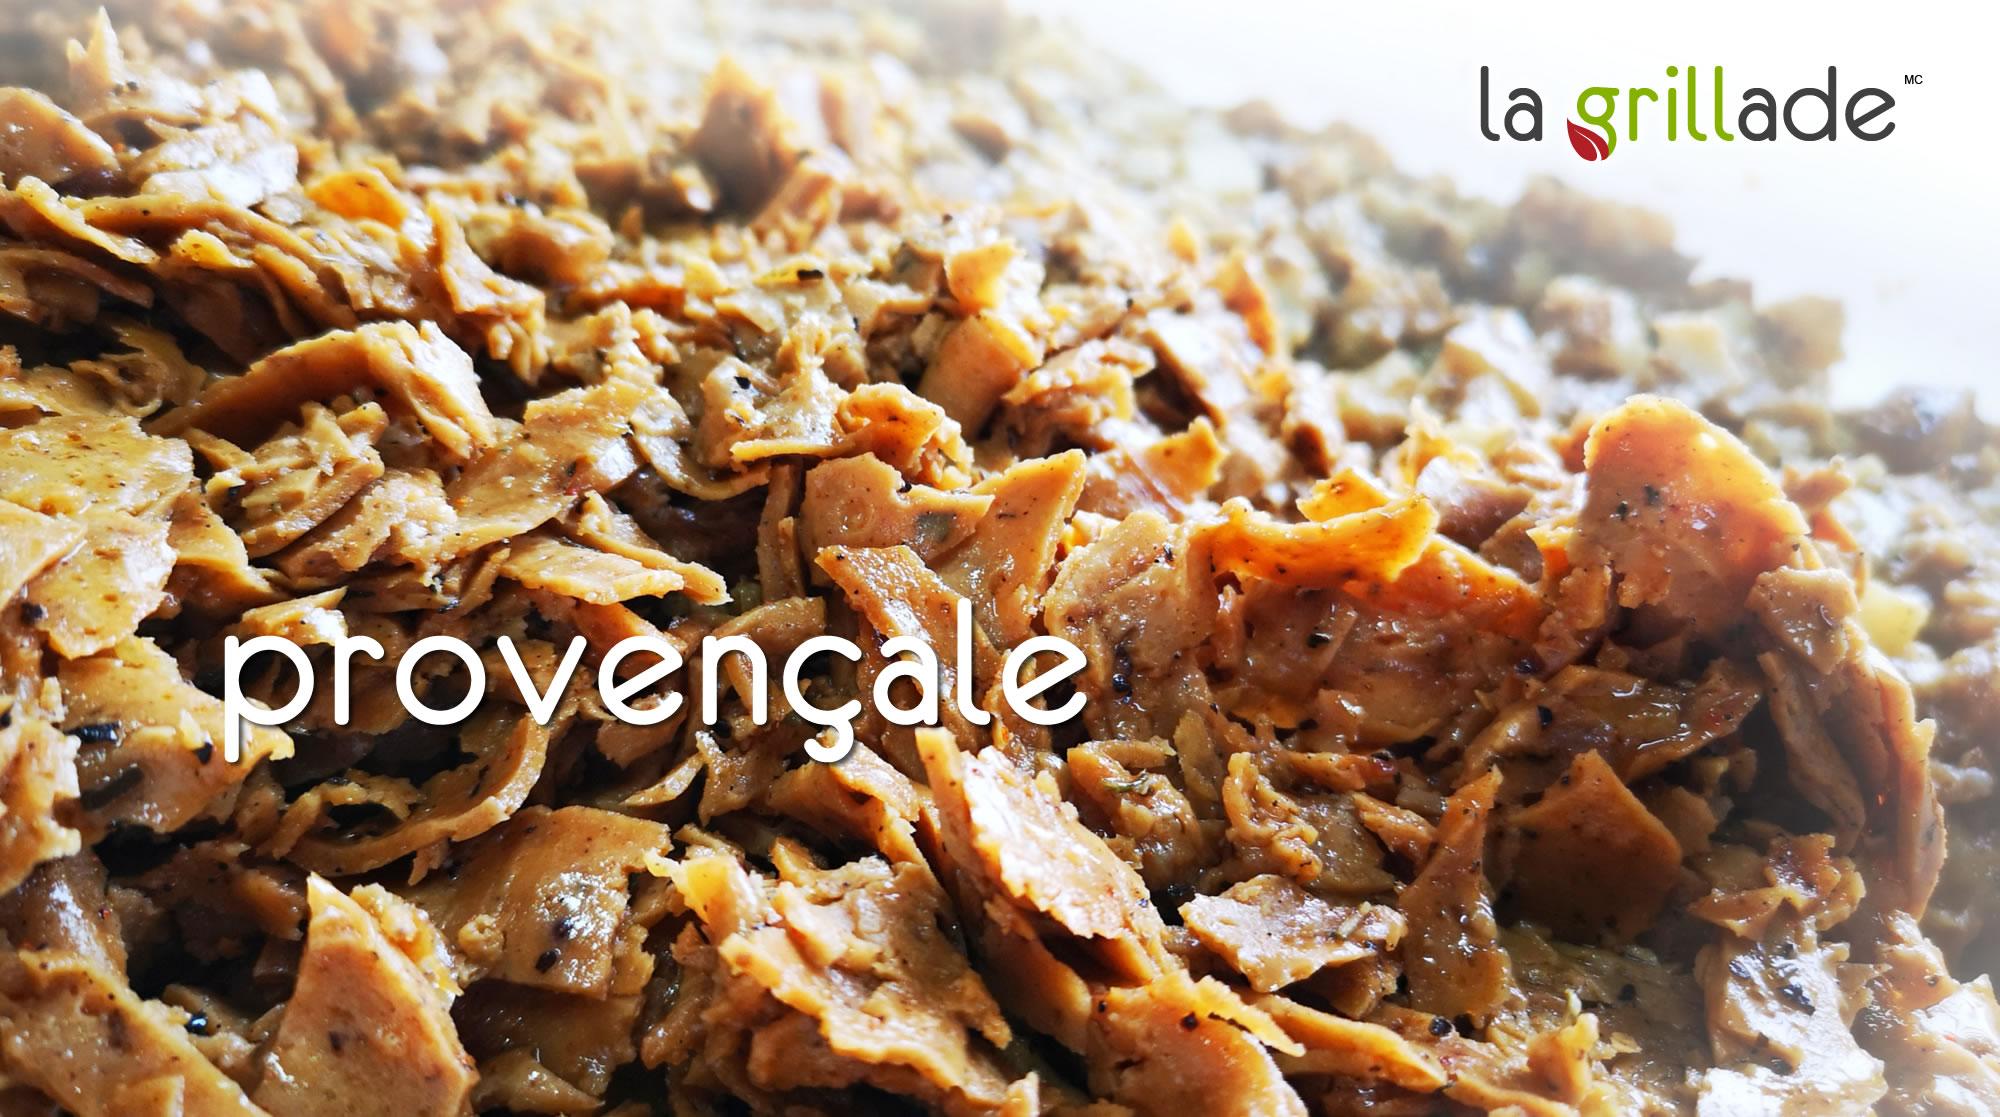 provencale - Les produits